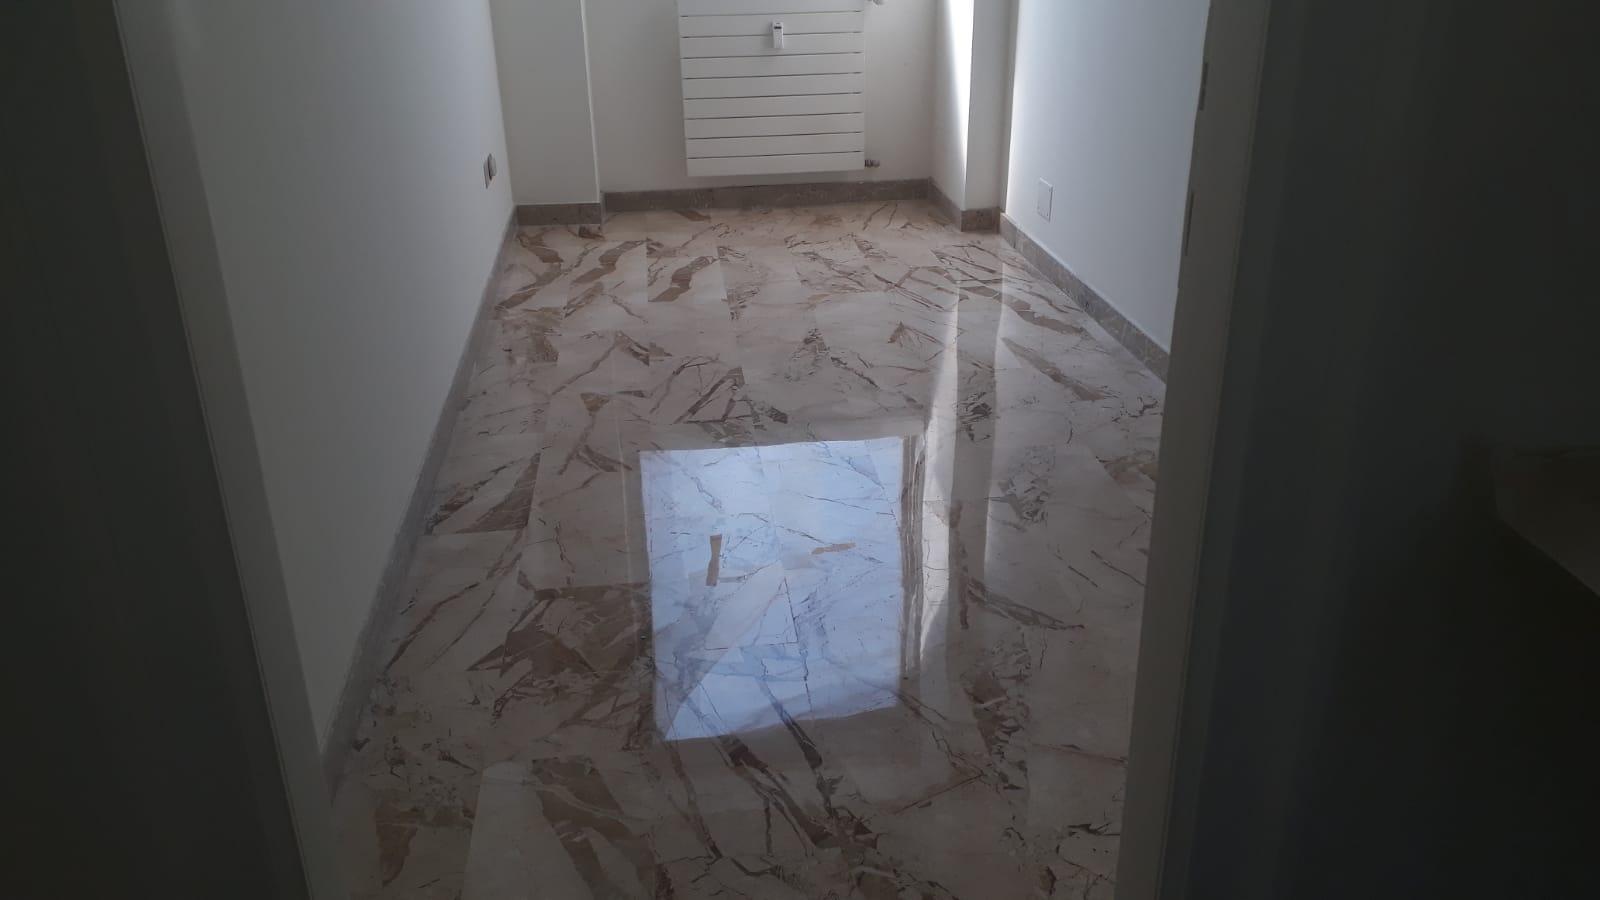 8. Finitura pavimento ingresso in lastre di marmo bianco lamato e lucidato: lavori ultimati.